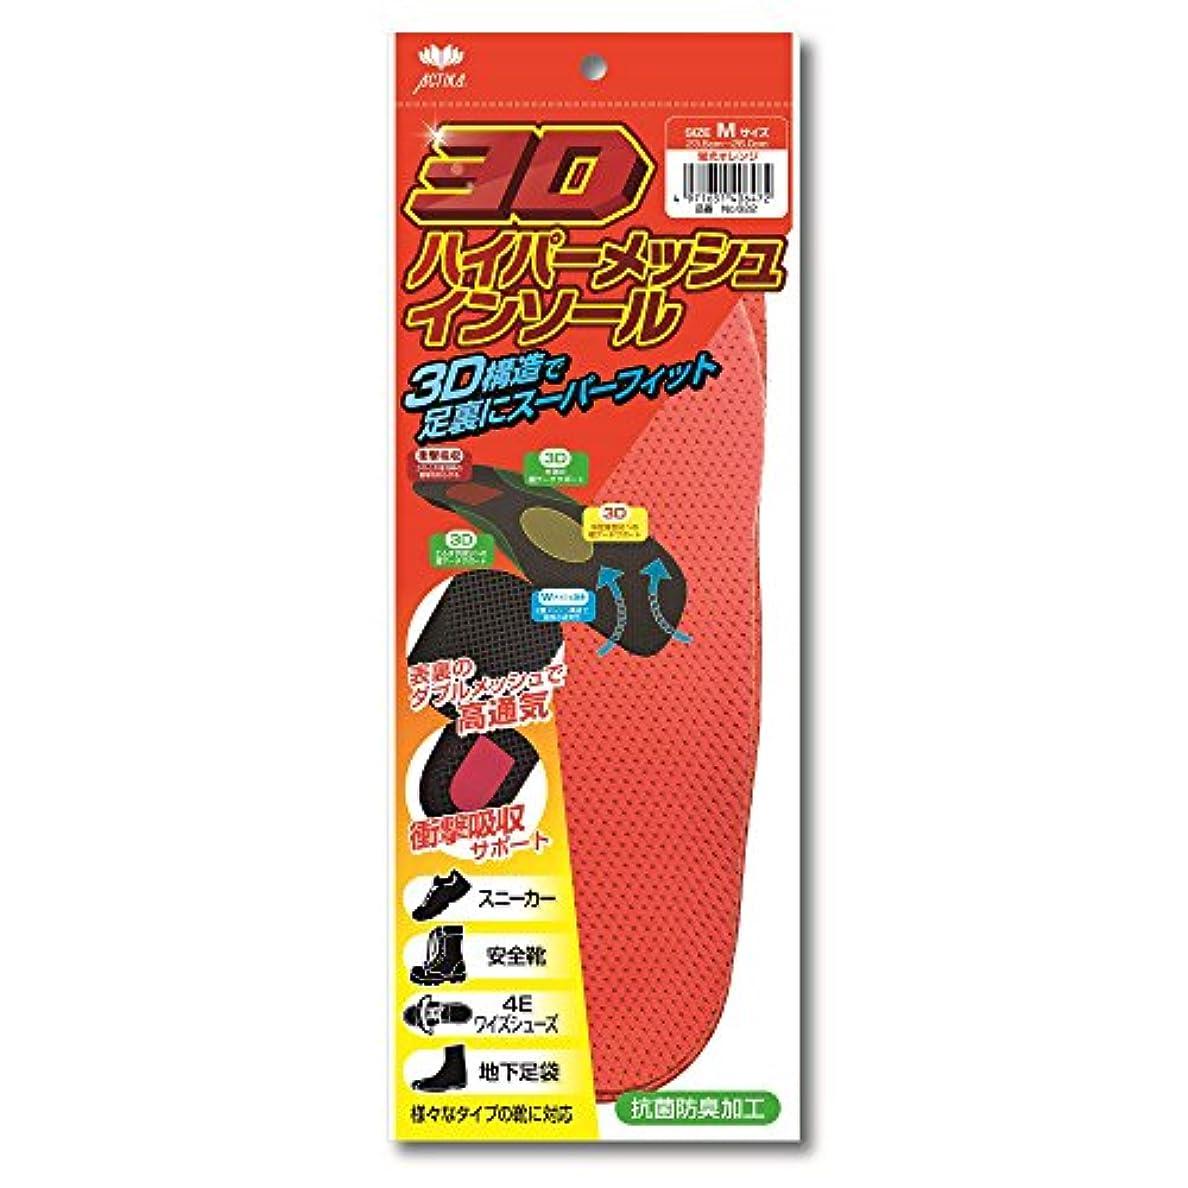 枠ブロンズ完璧アクティカ 3Dハイパーメッシュインソール オレンジ 男性用 No.622 M(23.5~26.0cm)